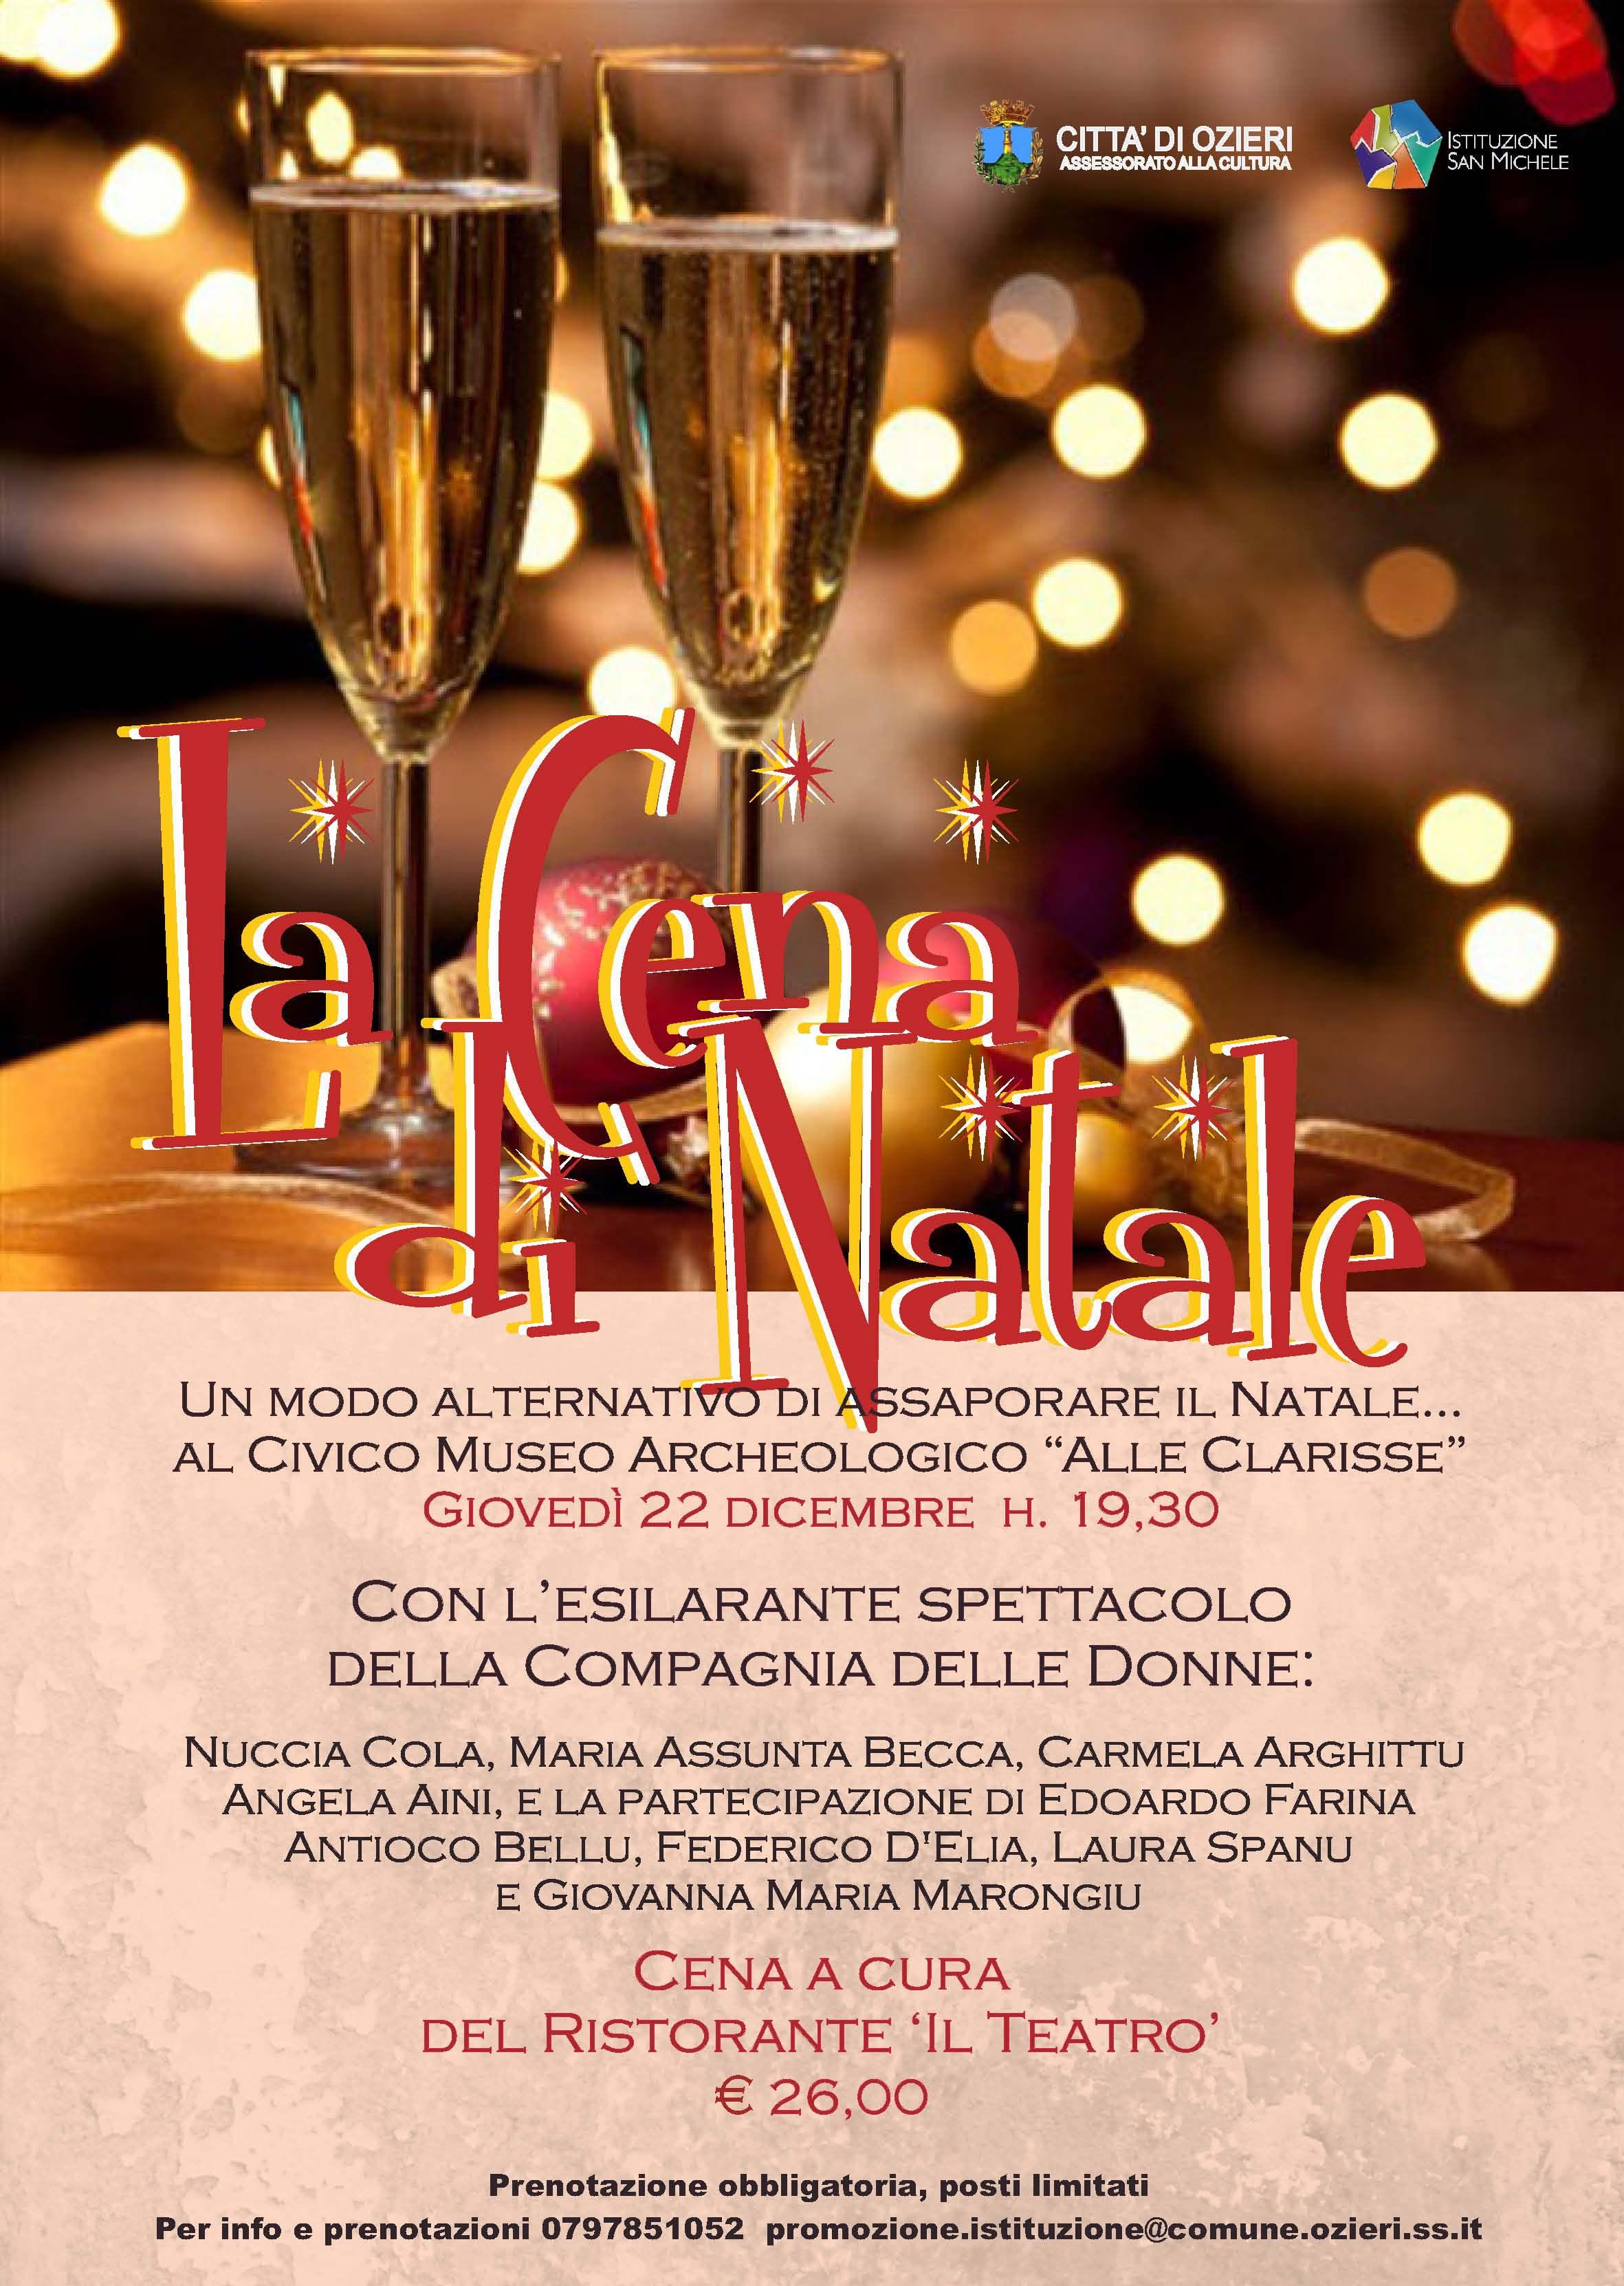 La cena di Natale a Ozieri il 22 dicembre 2016